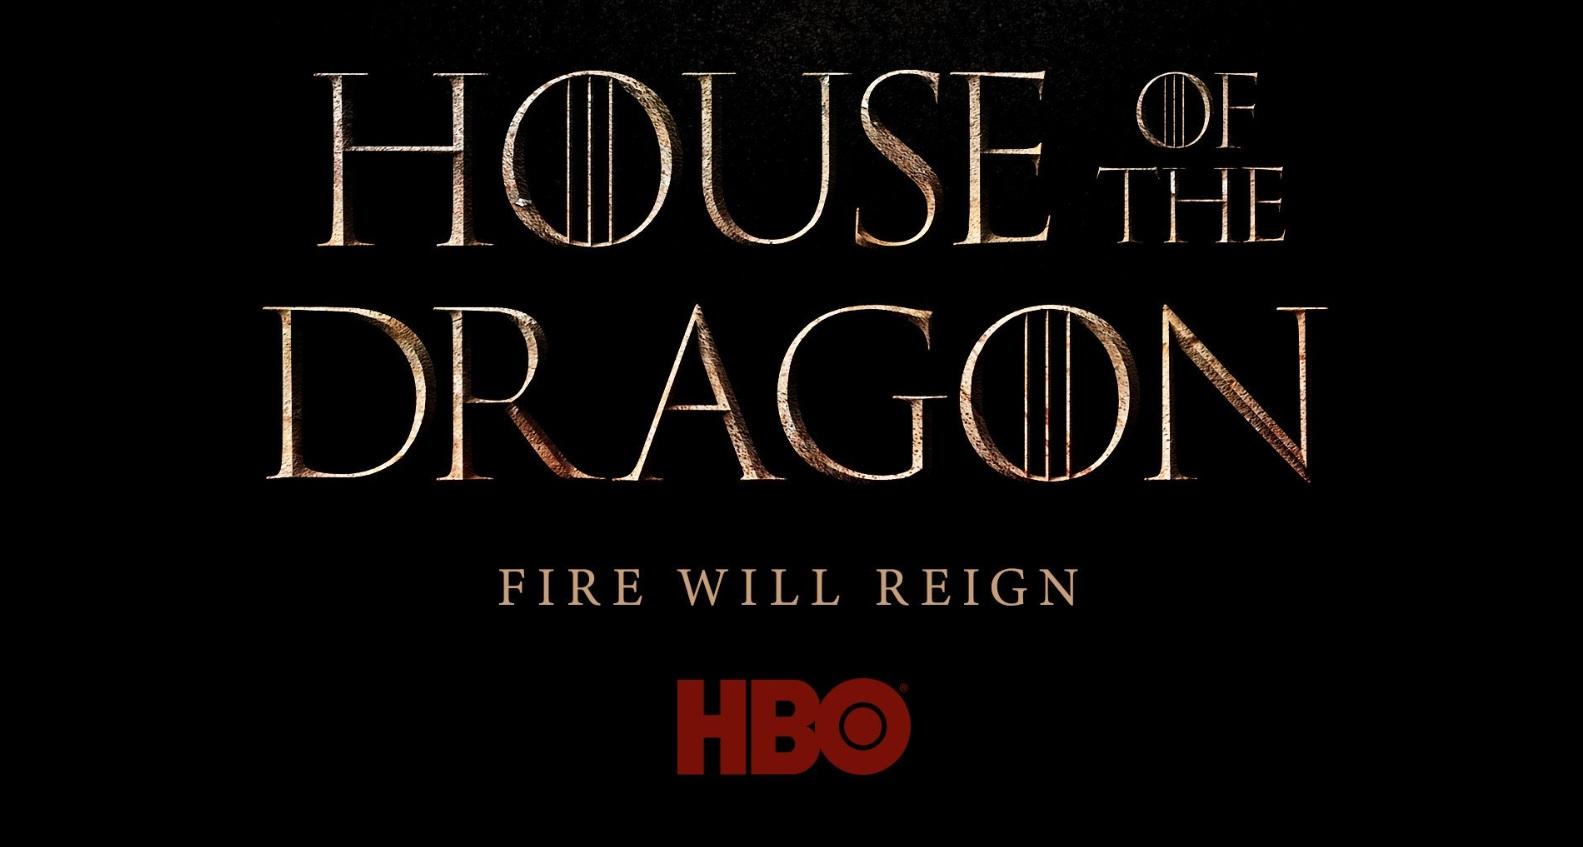 زمان پخش پیش درآمد Game of Thrones با نام House of Dragon مشخص شد